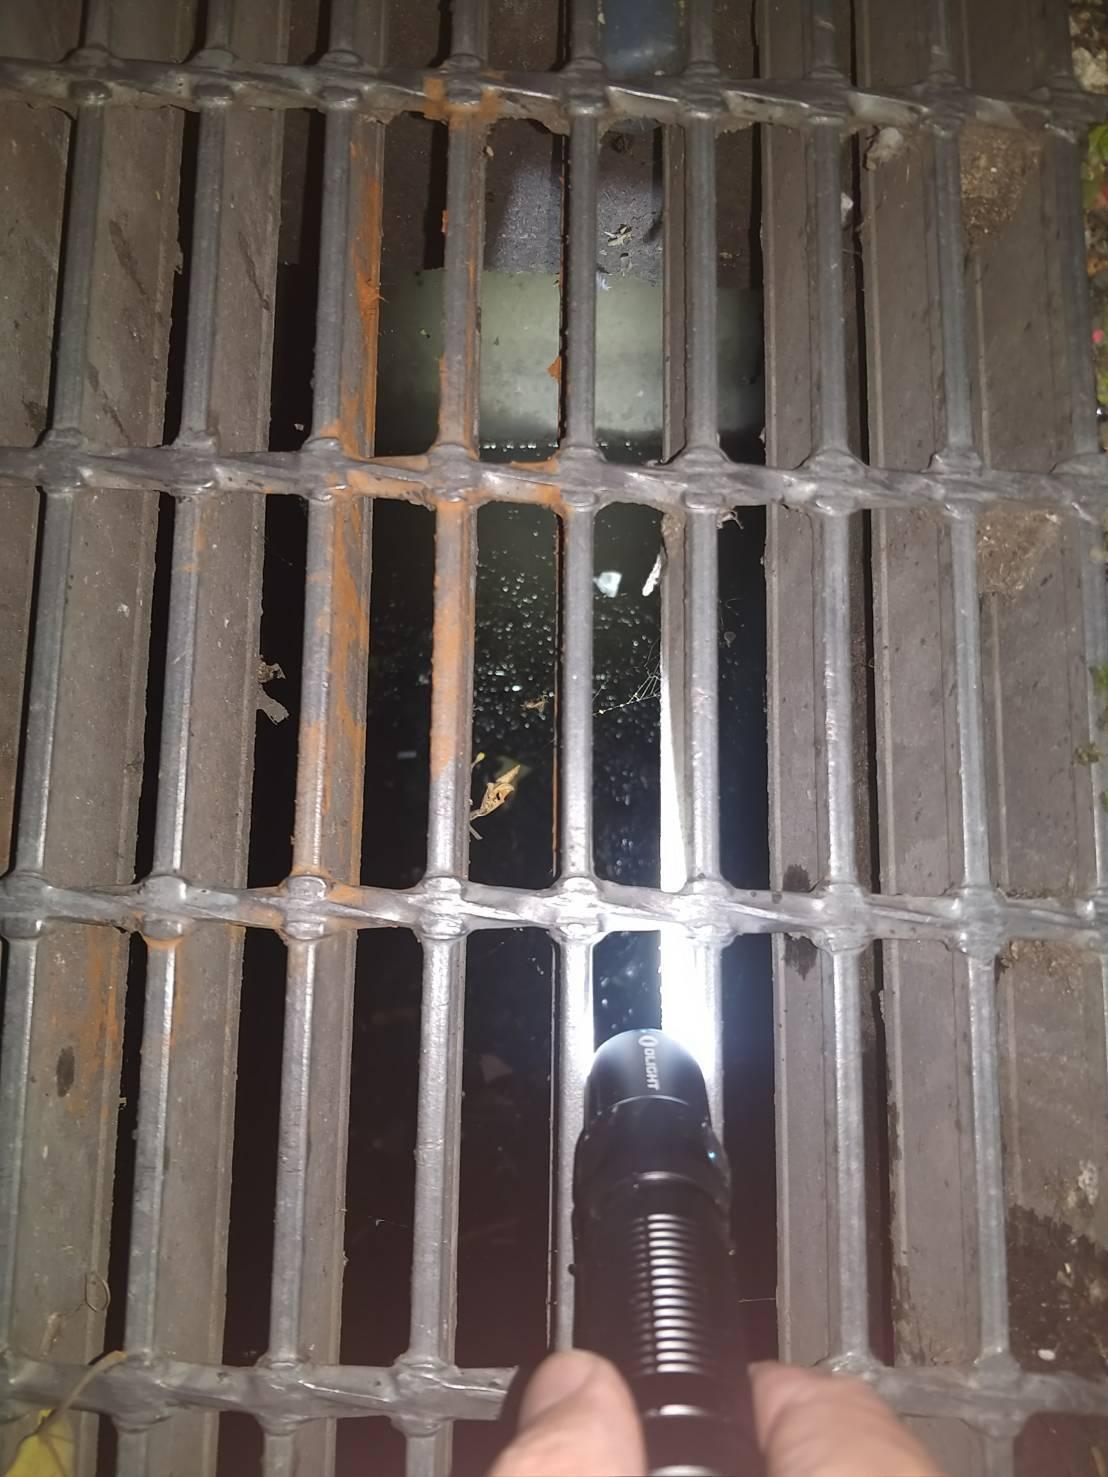 游嫌將部分毒品踢進水溝之中,員警還特地撬開水溝蓋將毒品撈出。記者巫鴻瑋/翻攝